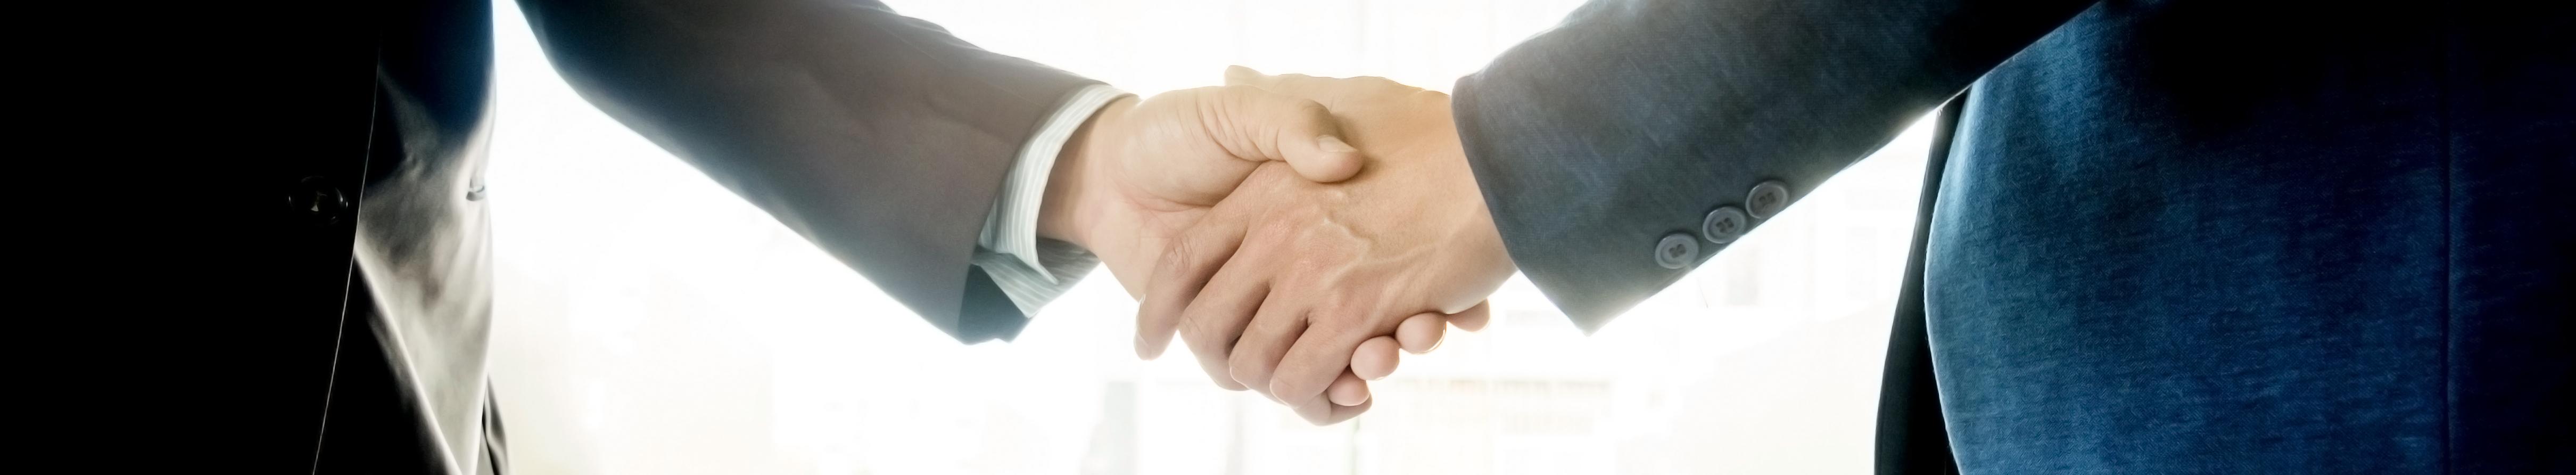 Outsourcing: foque no core business e aumente sua rentabilidade